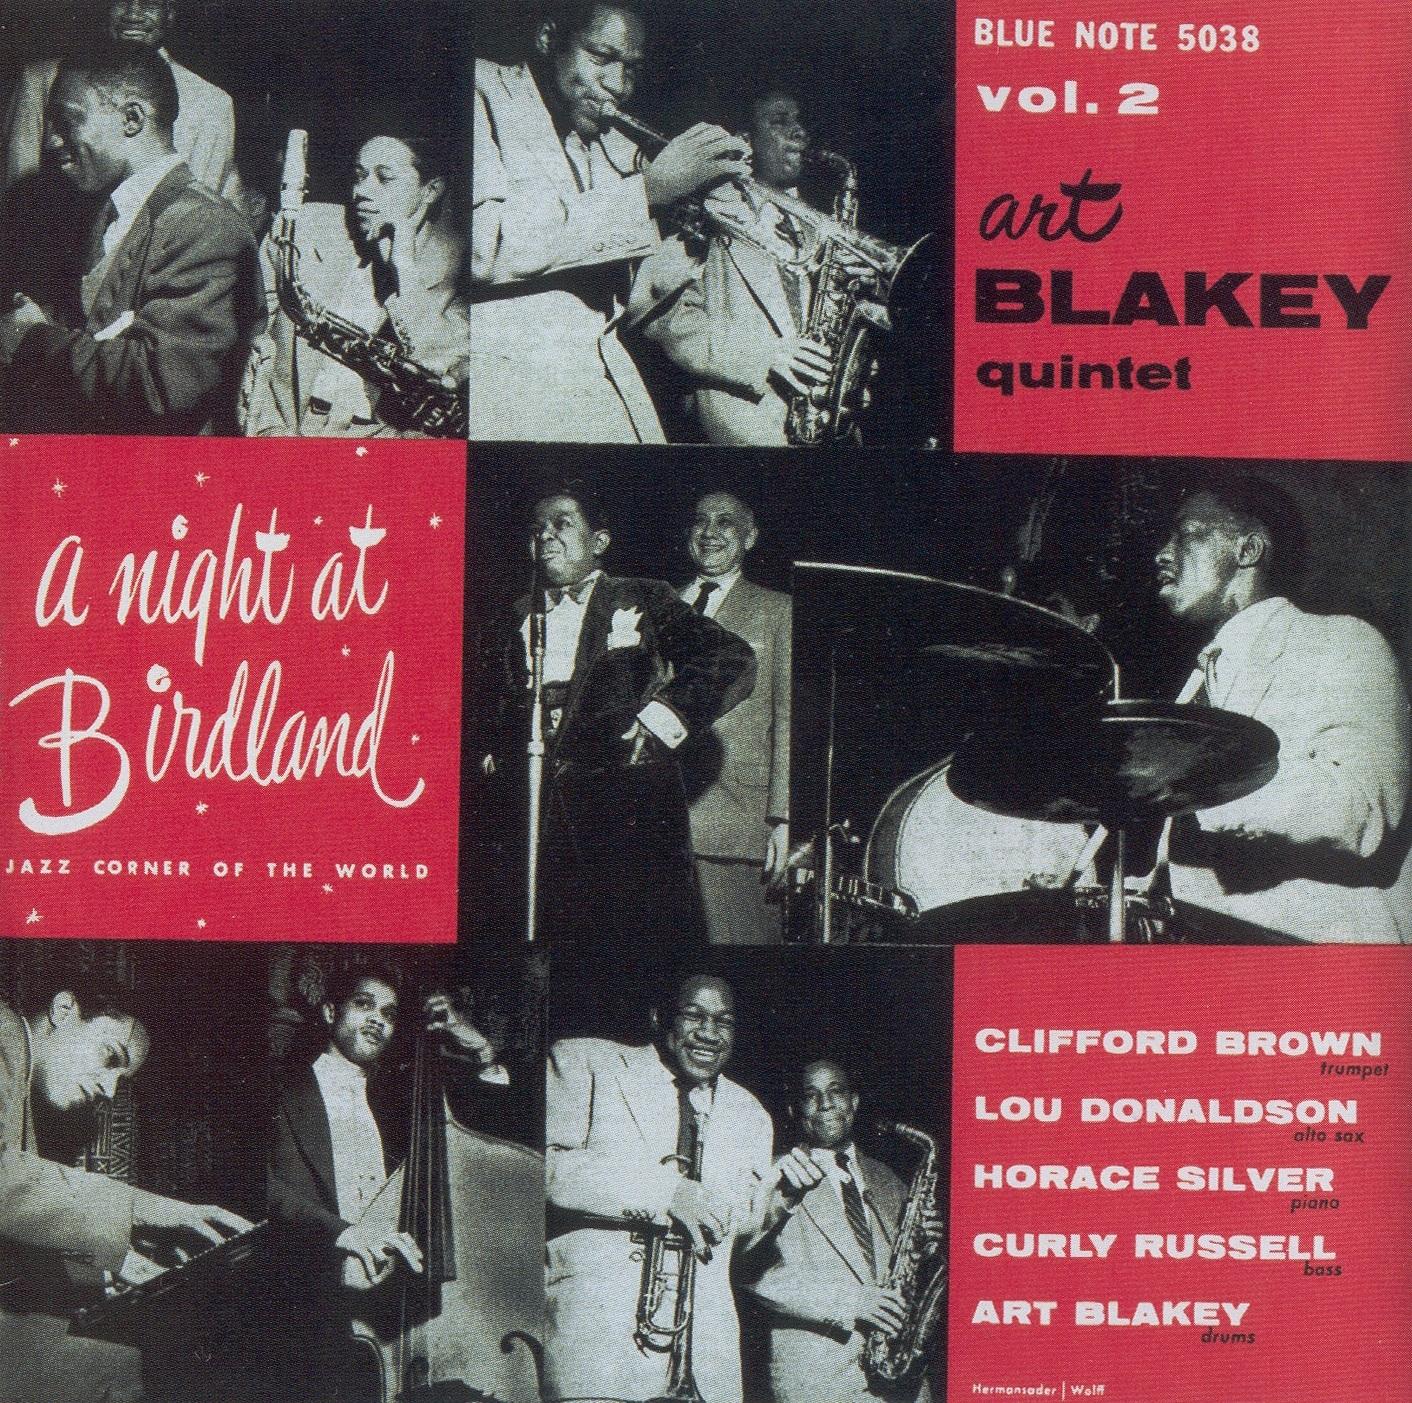 Art Blaket Quintet - A Night at Birdland II (Blue Note, 1954)